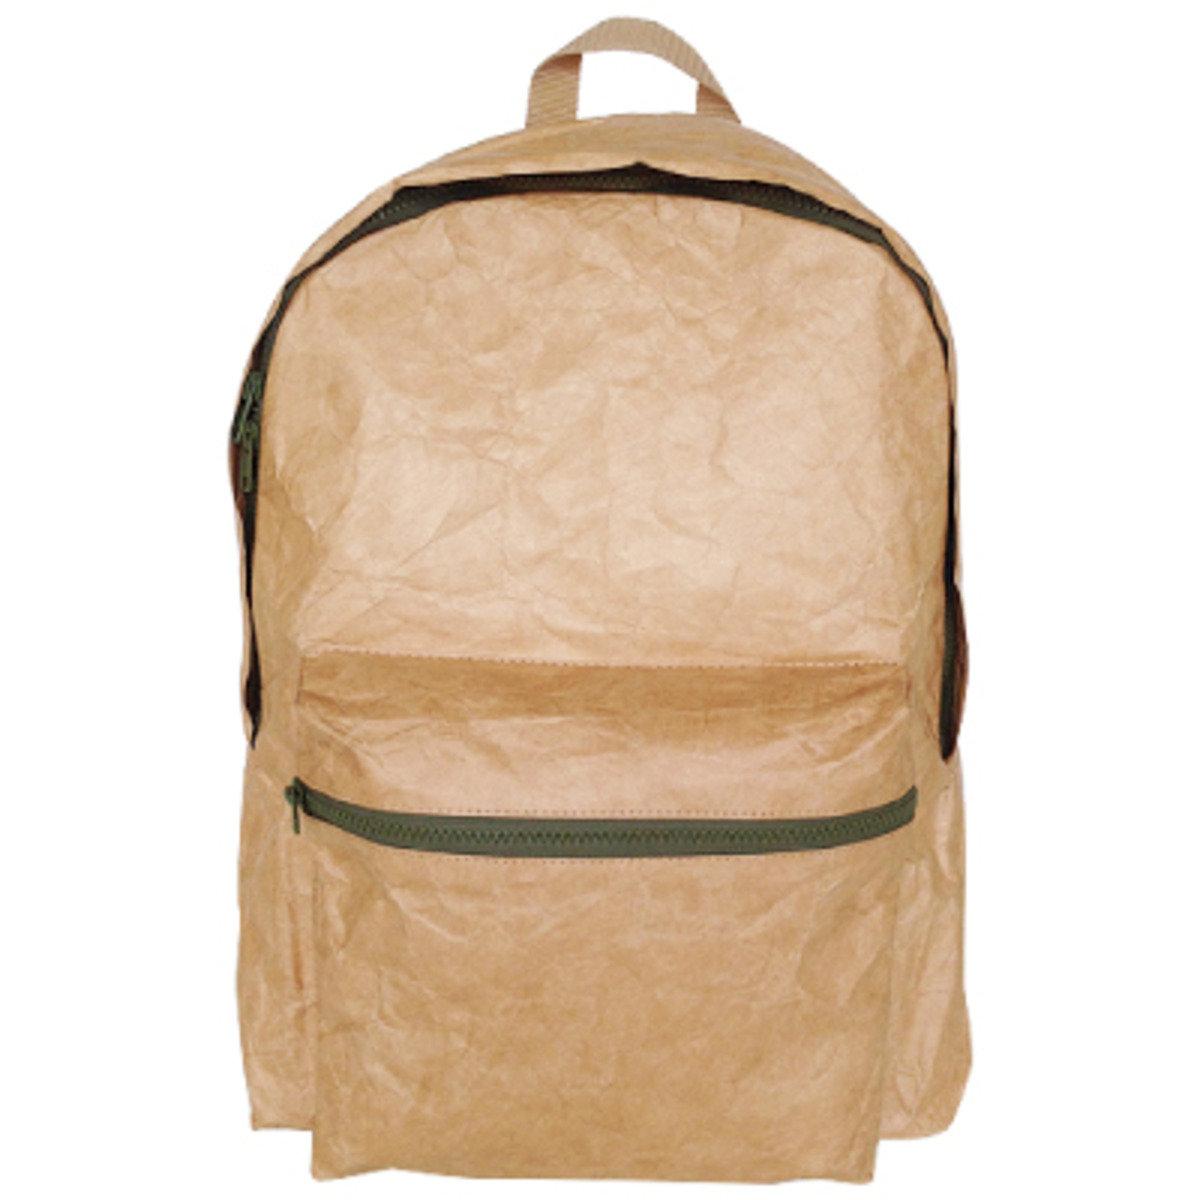 FLY BAG 背包